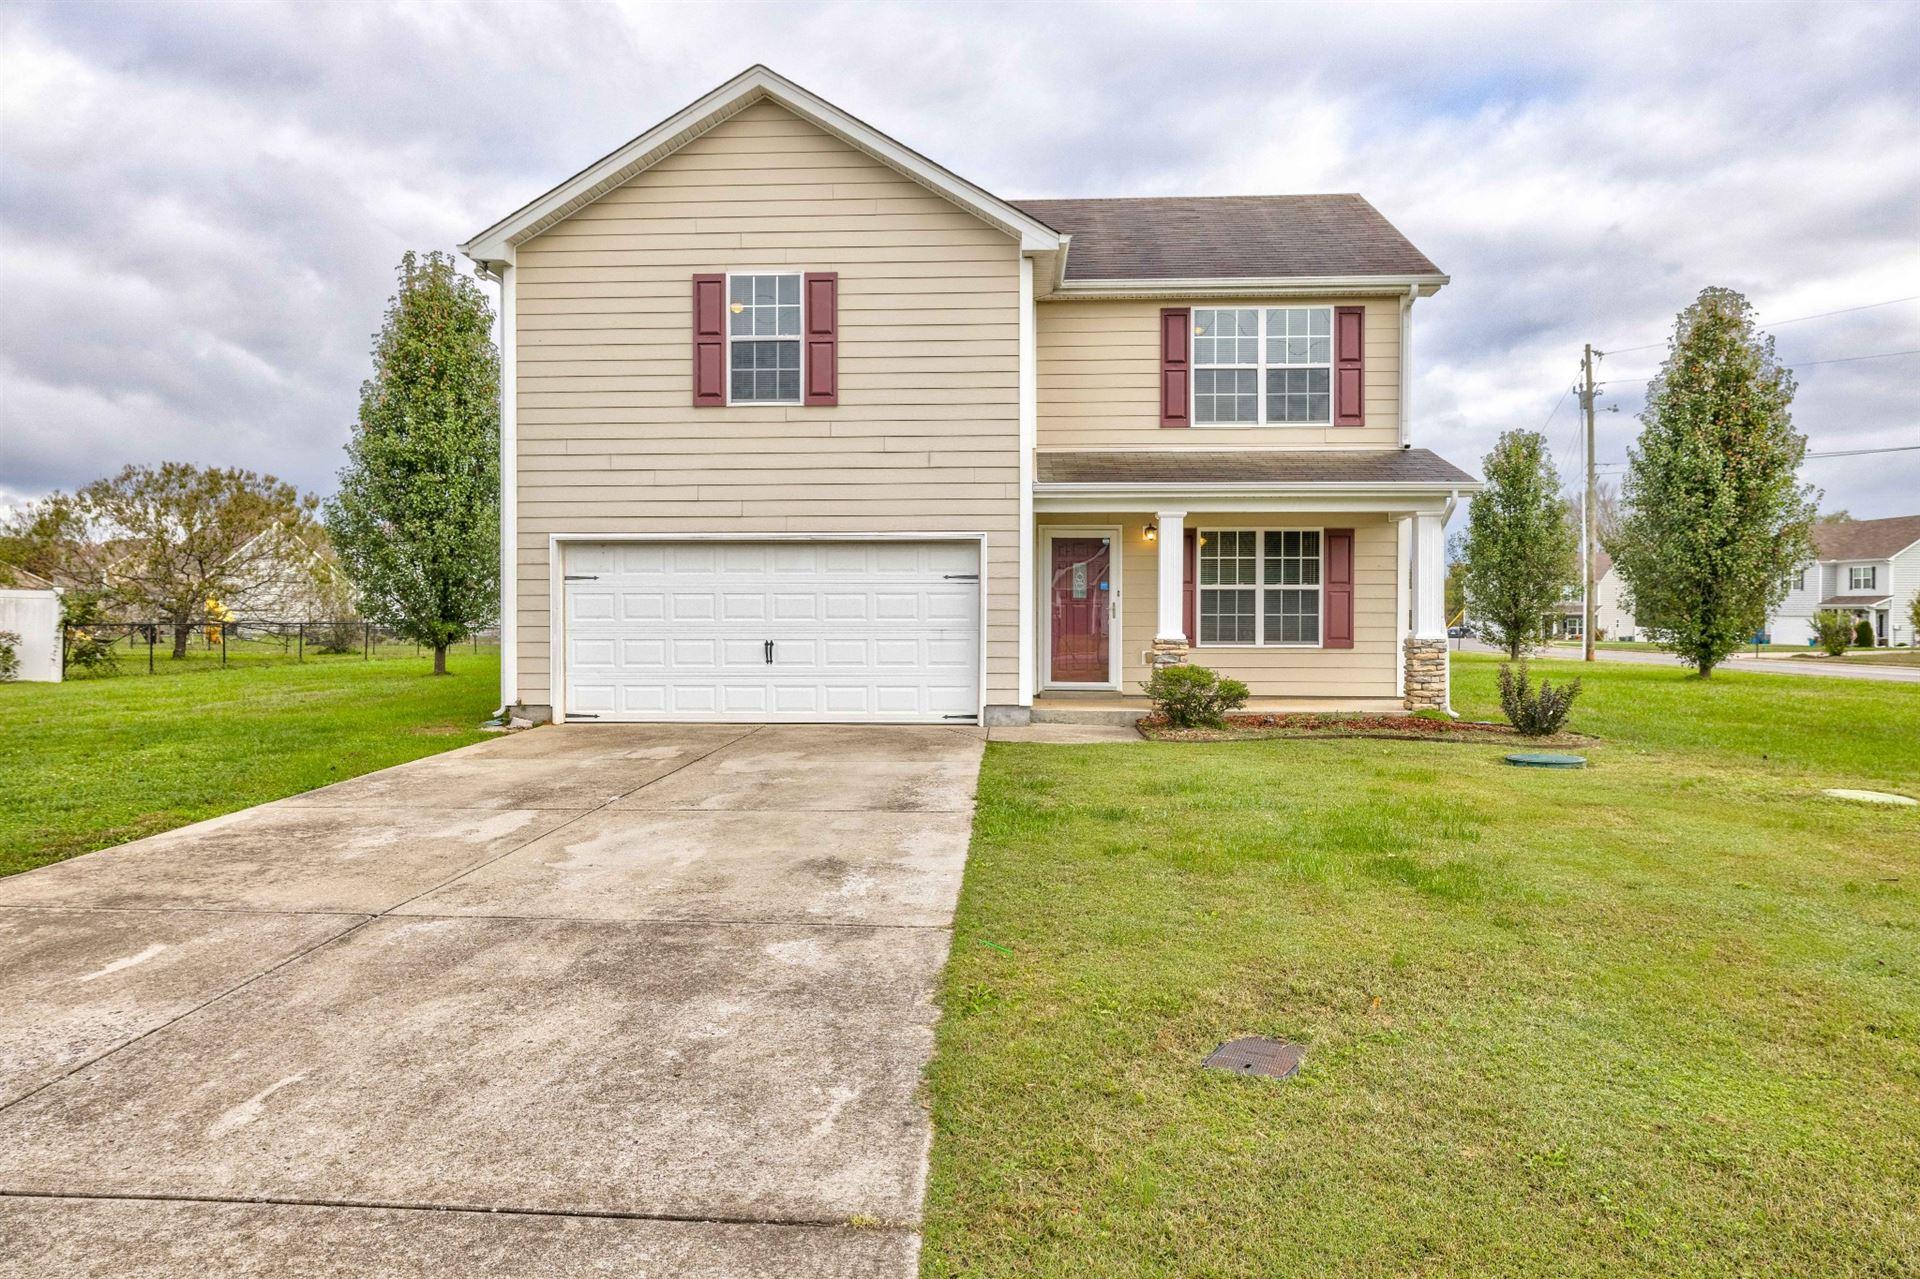 602 Silverhill Dr, Murfreesboro, TN 37129 - MLS#: 2303570